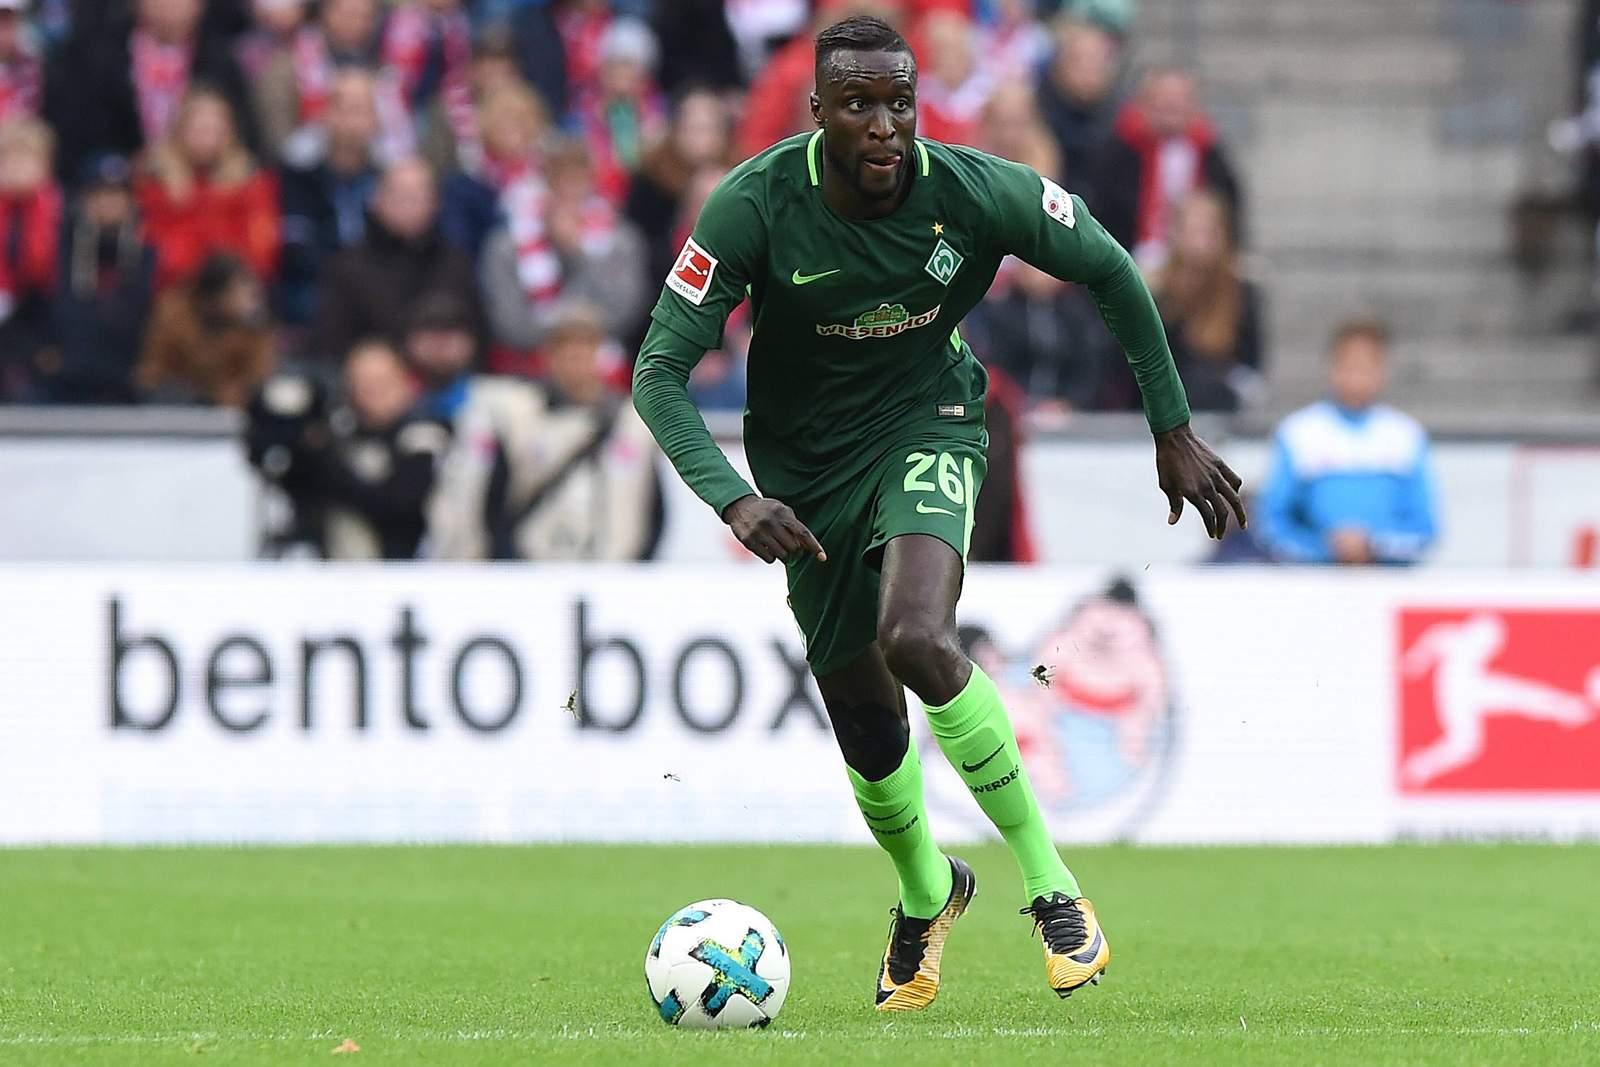 Lamine Sané von Werder Bremen im Spiel gegen Köln